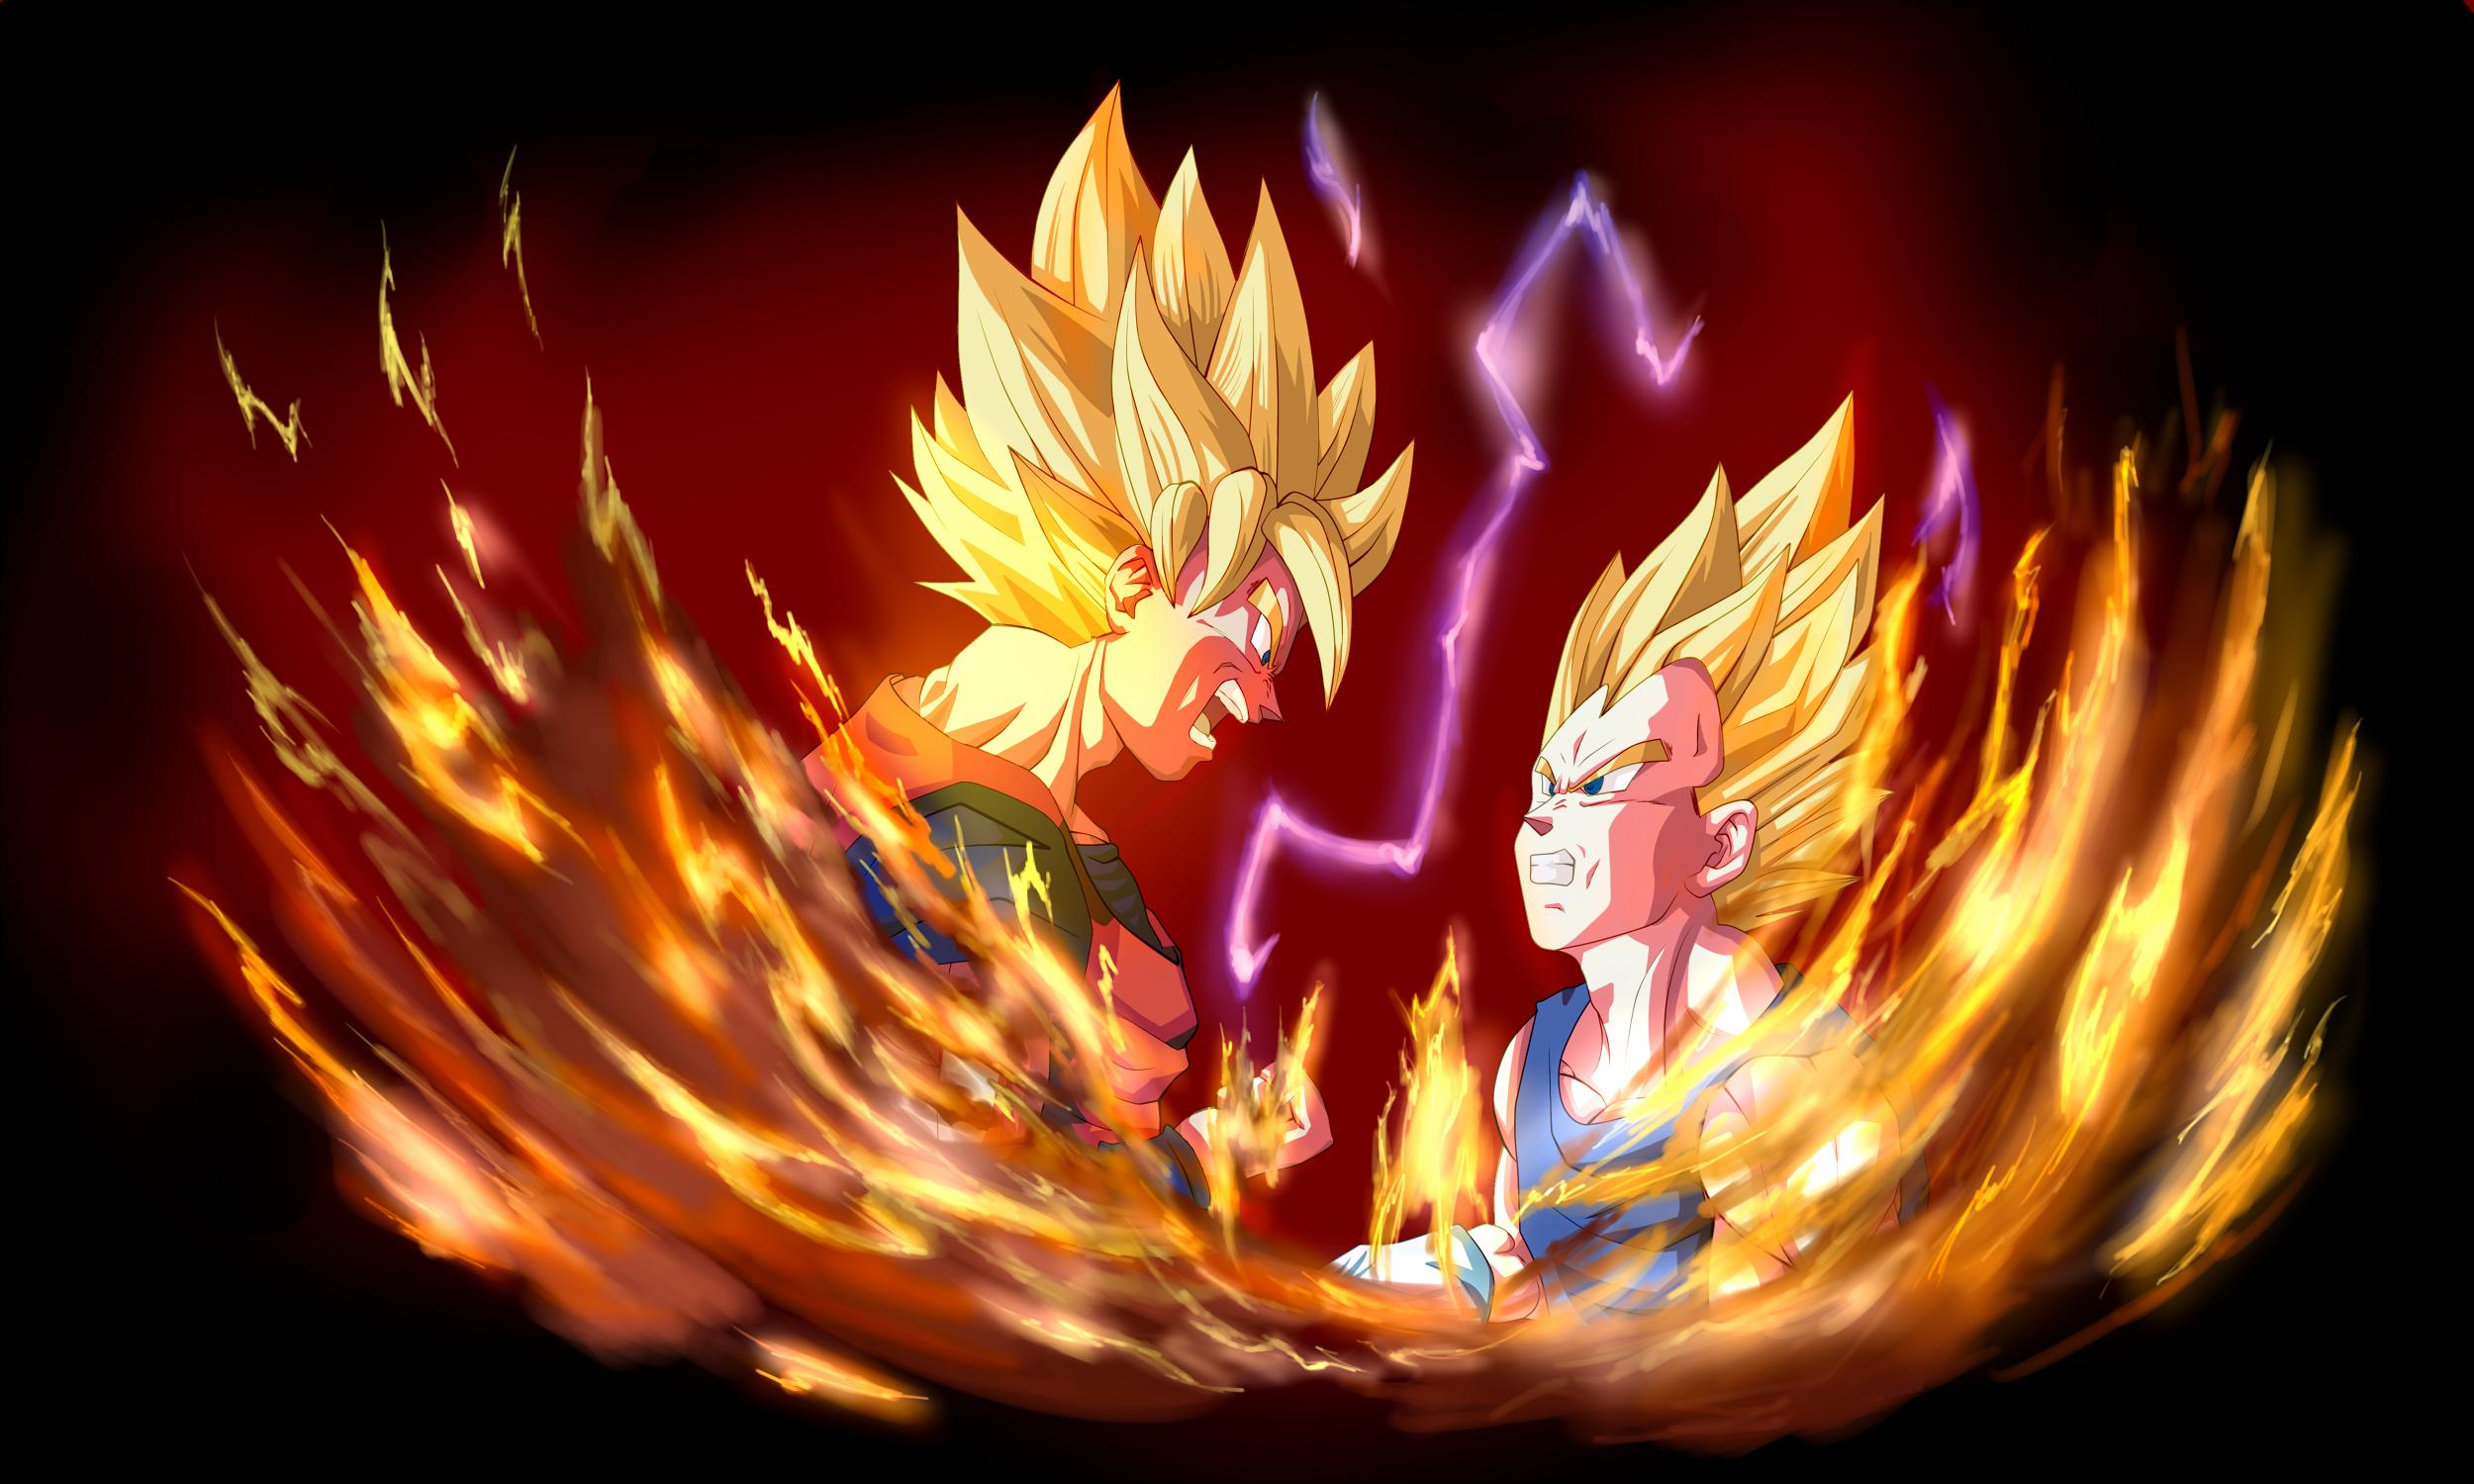 Goku and vegeta fonds d 39 cran arri res plan 2500x1500 for Fond ecran goku